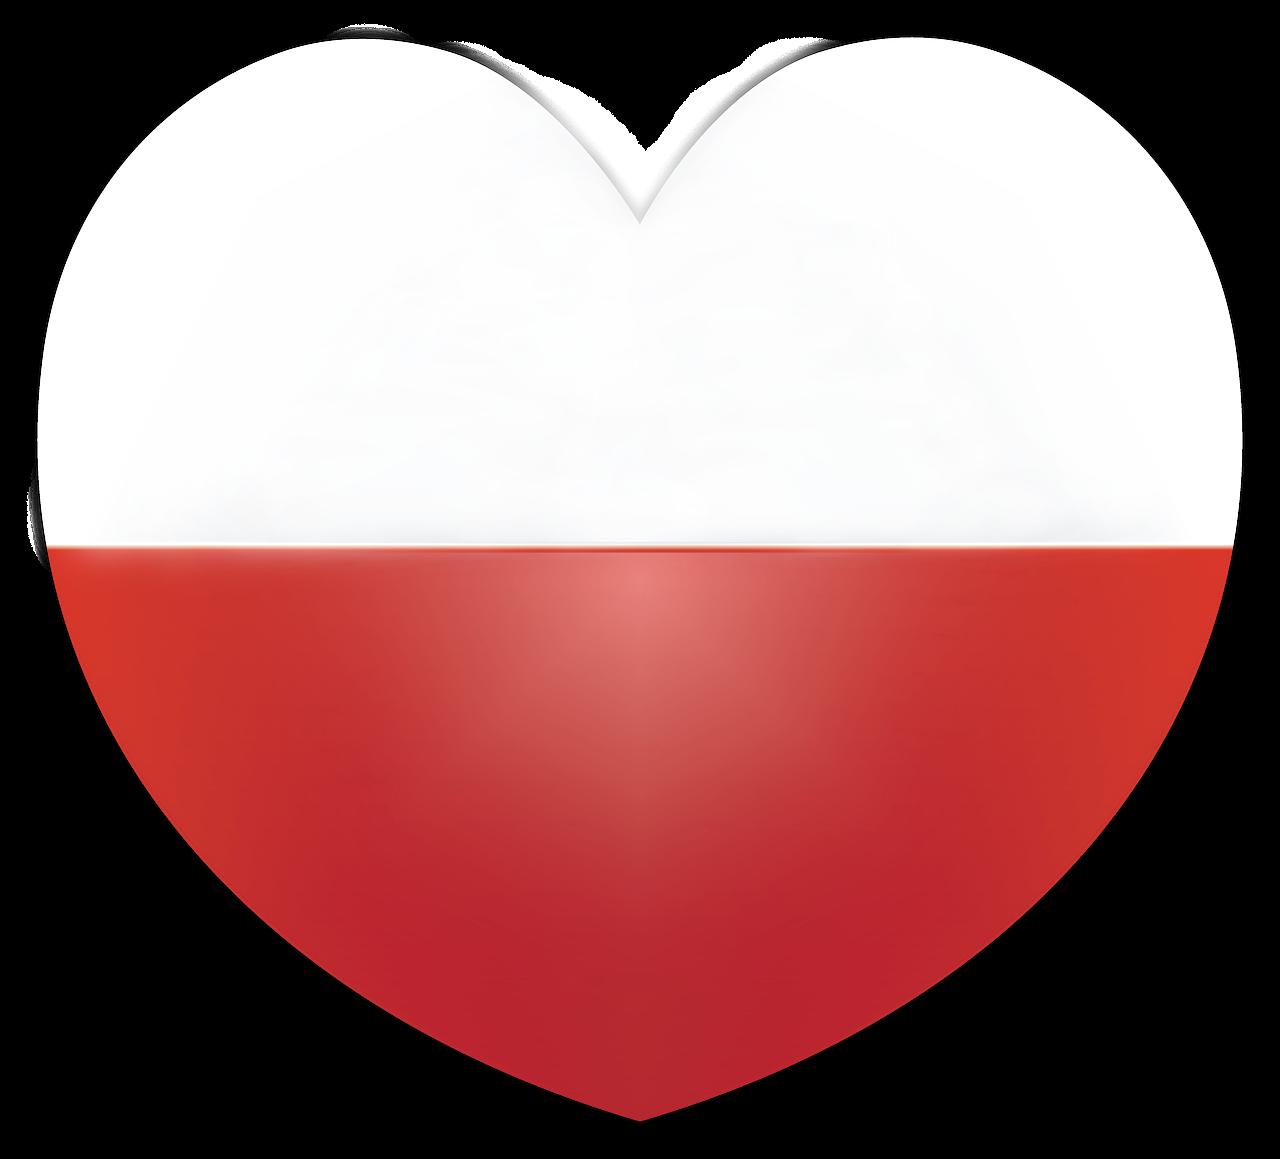 serce-flaga